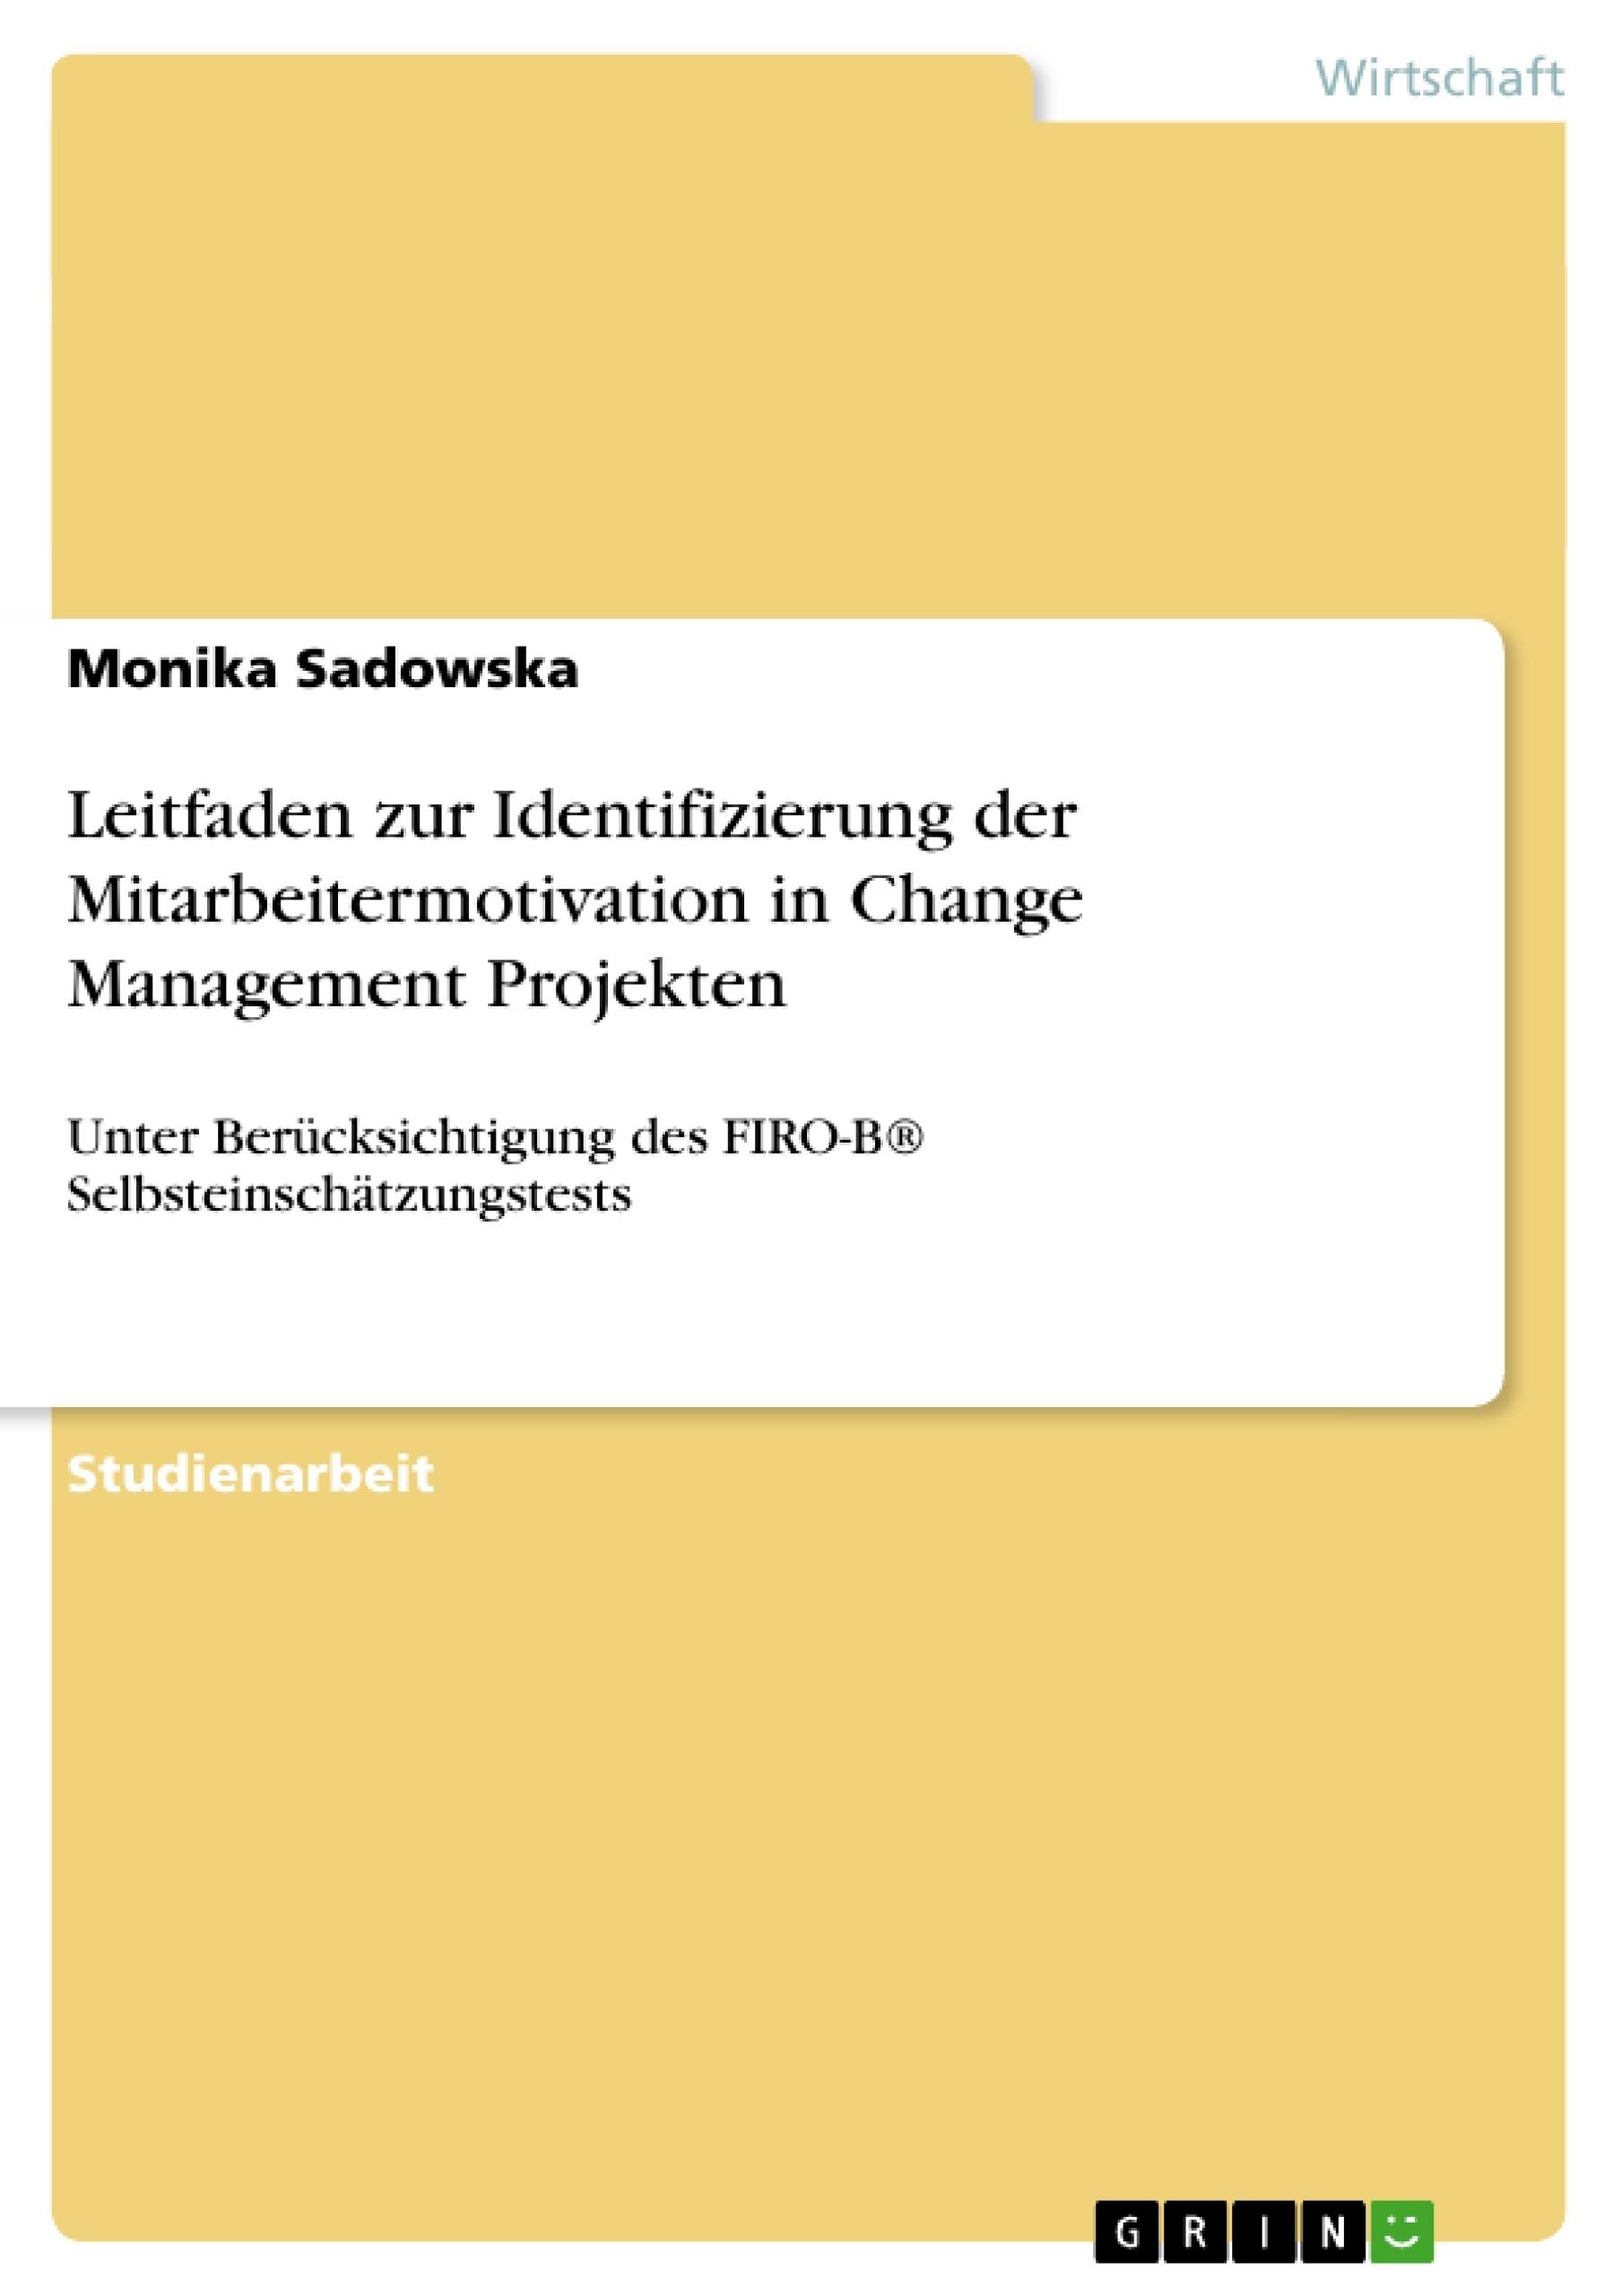 Titel: Leitfaden zur Identifizierung der Mitarbeitermotivation in Change Management Projekten